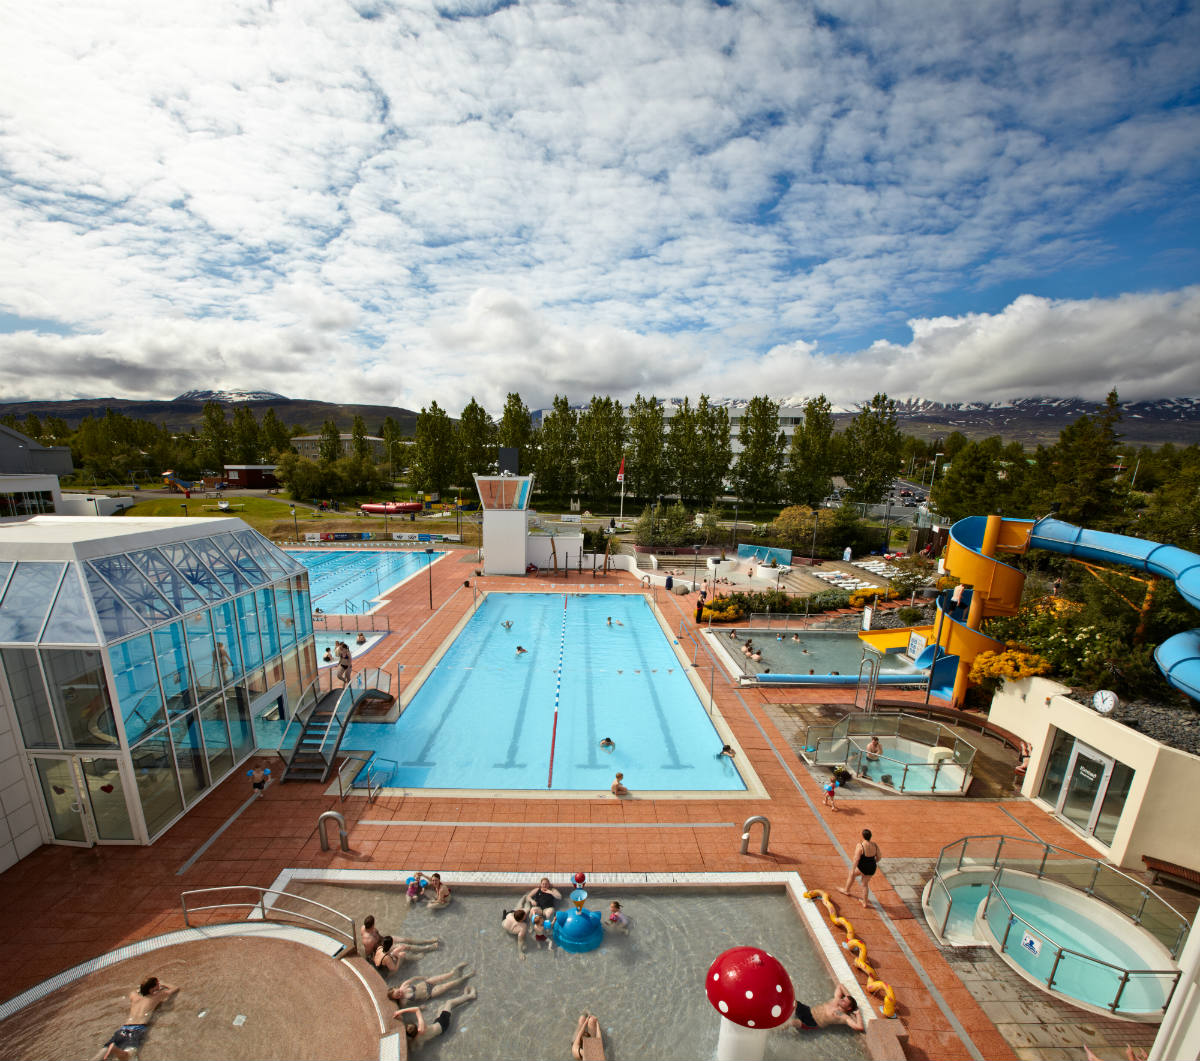 Las 4 mejores piscinas al aire libre de islandia for Mejores piscinas